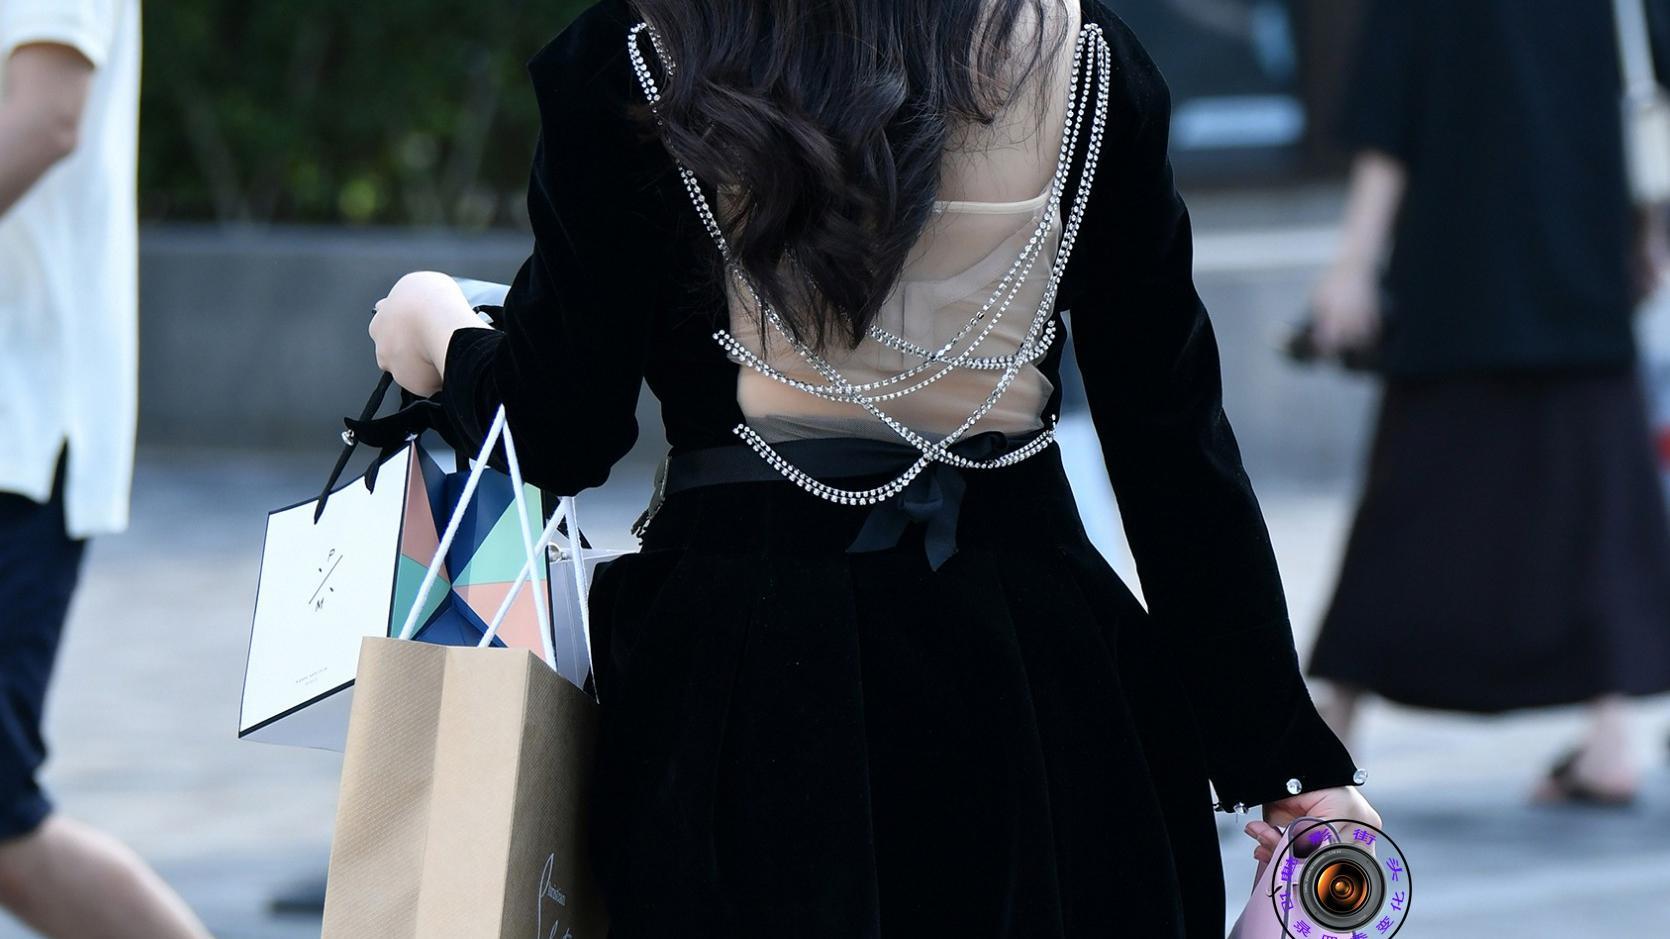 丝绒连衣裙搭配丝绒高跟鞋,珠联璧合的组合,修身显瘦还很精致